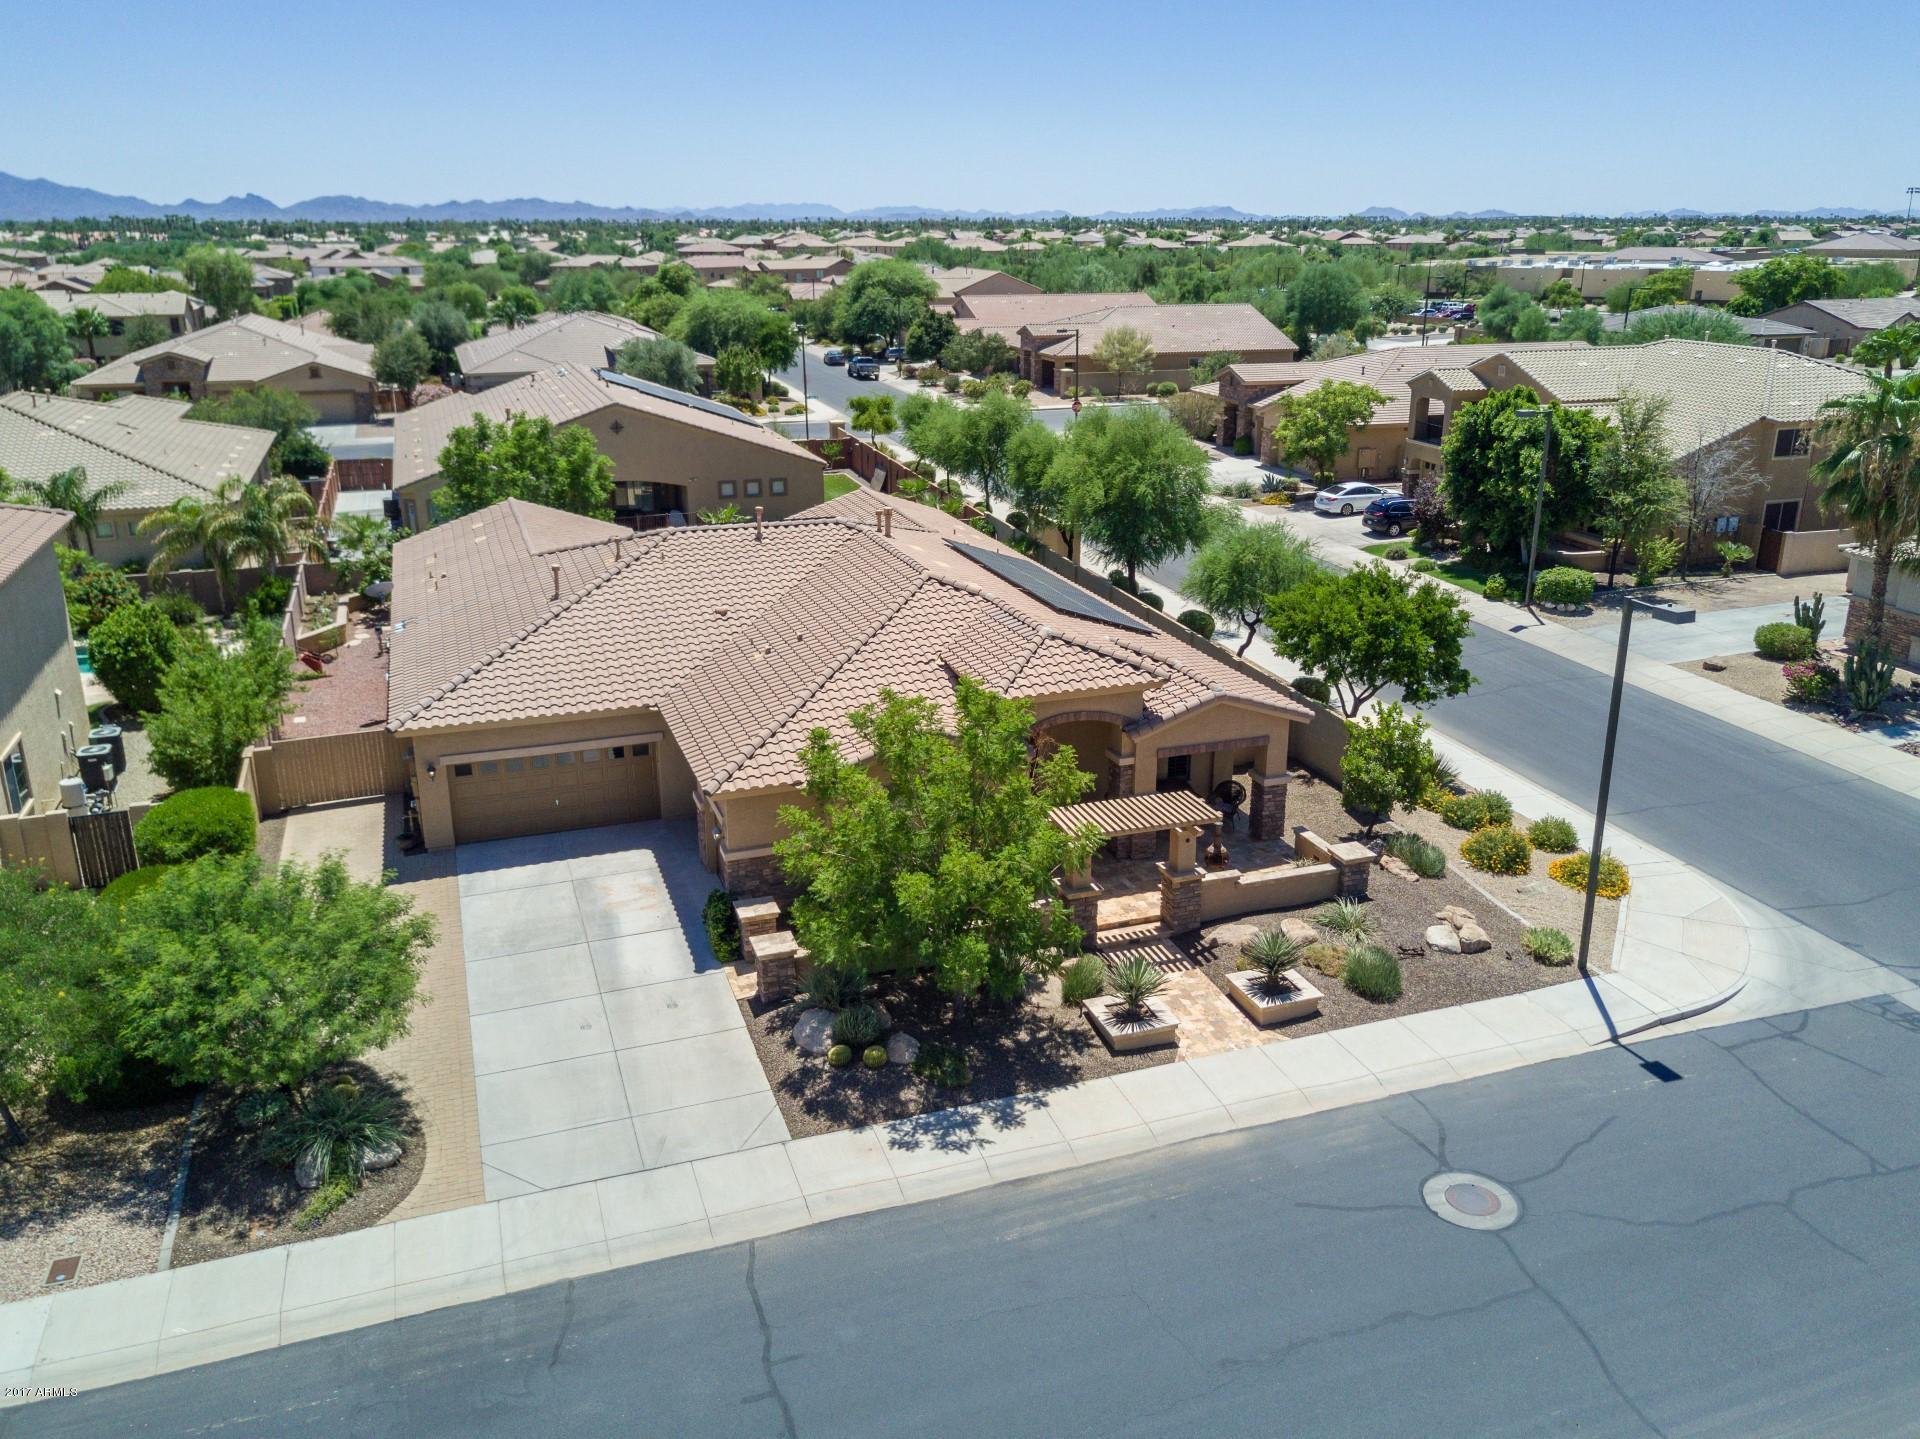 MLS 5644440 15355 W CAMPBELL Avenue, Goodyear, AZ 85395 Goodyear AZ Palm Valley